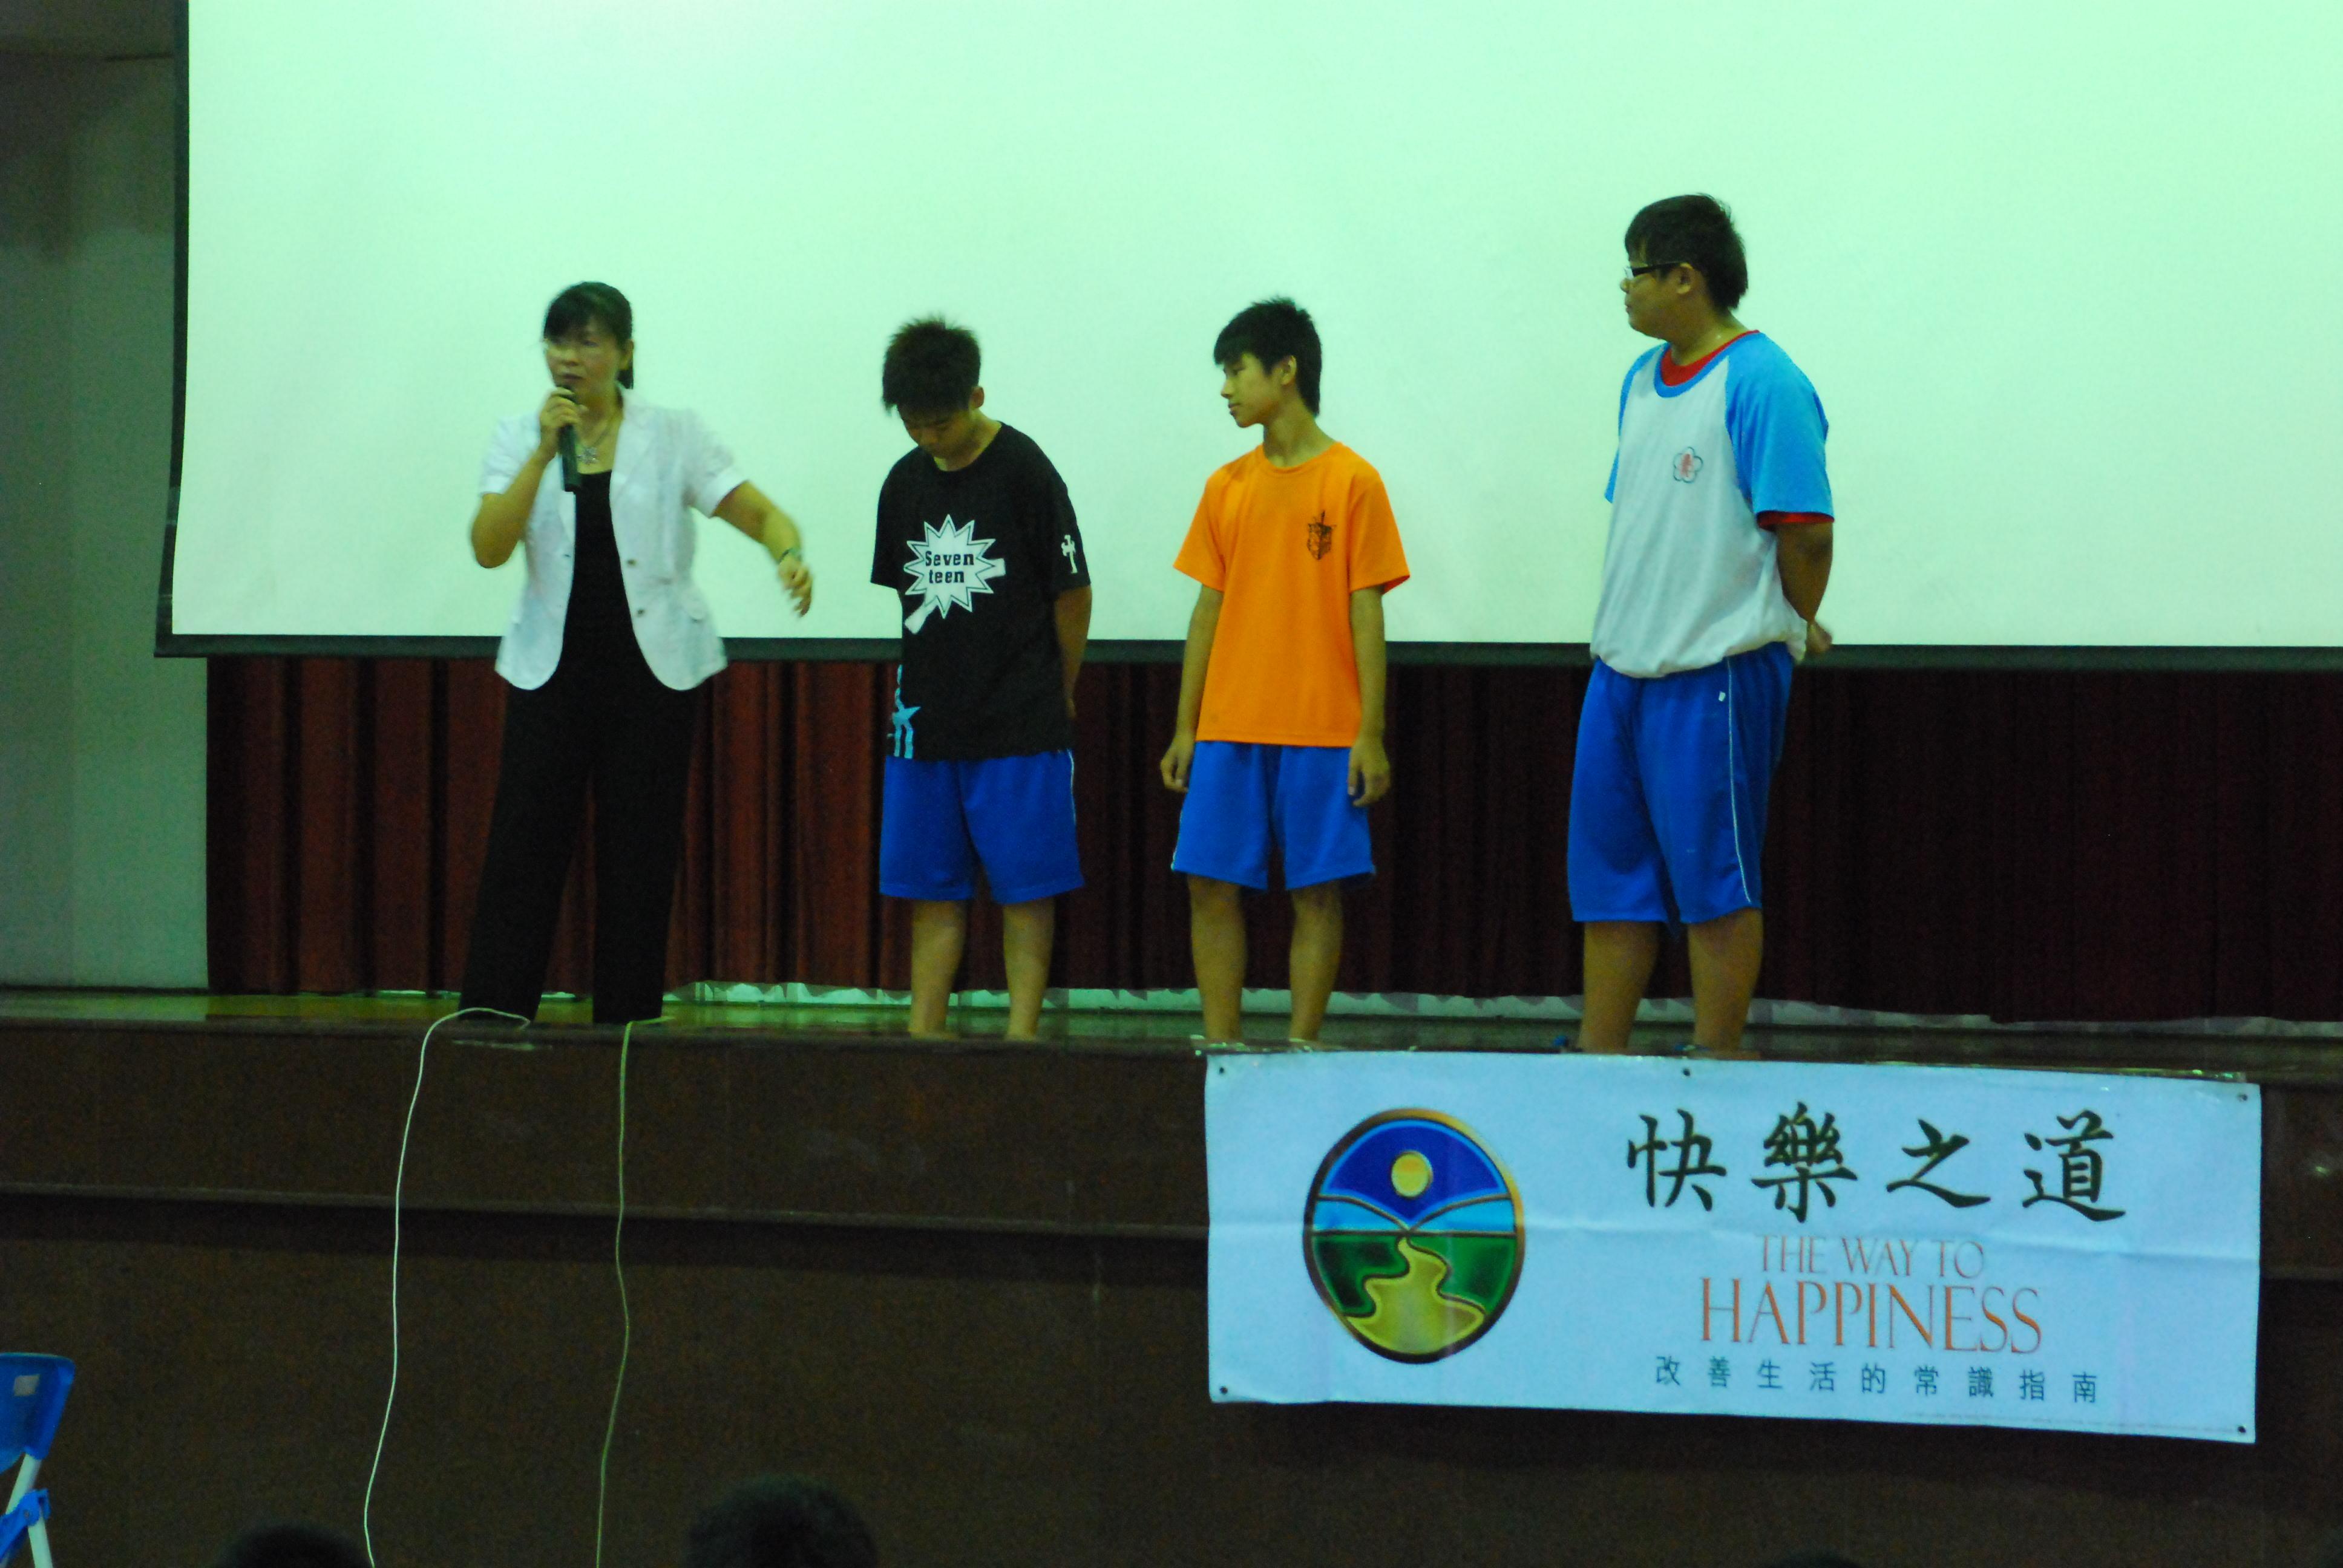 品德融合人權新穎宣導 為學生導入負責觀念